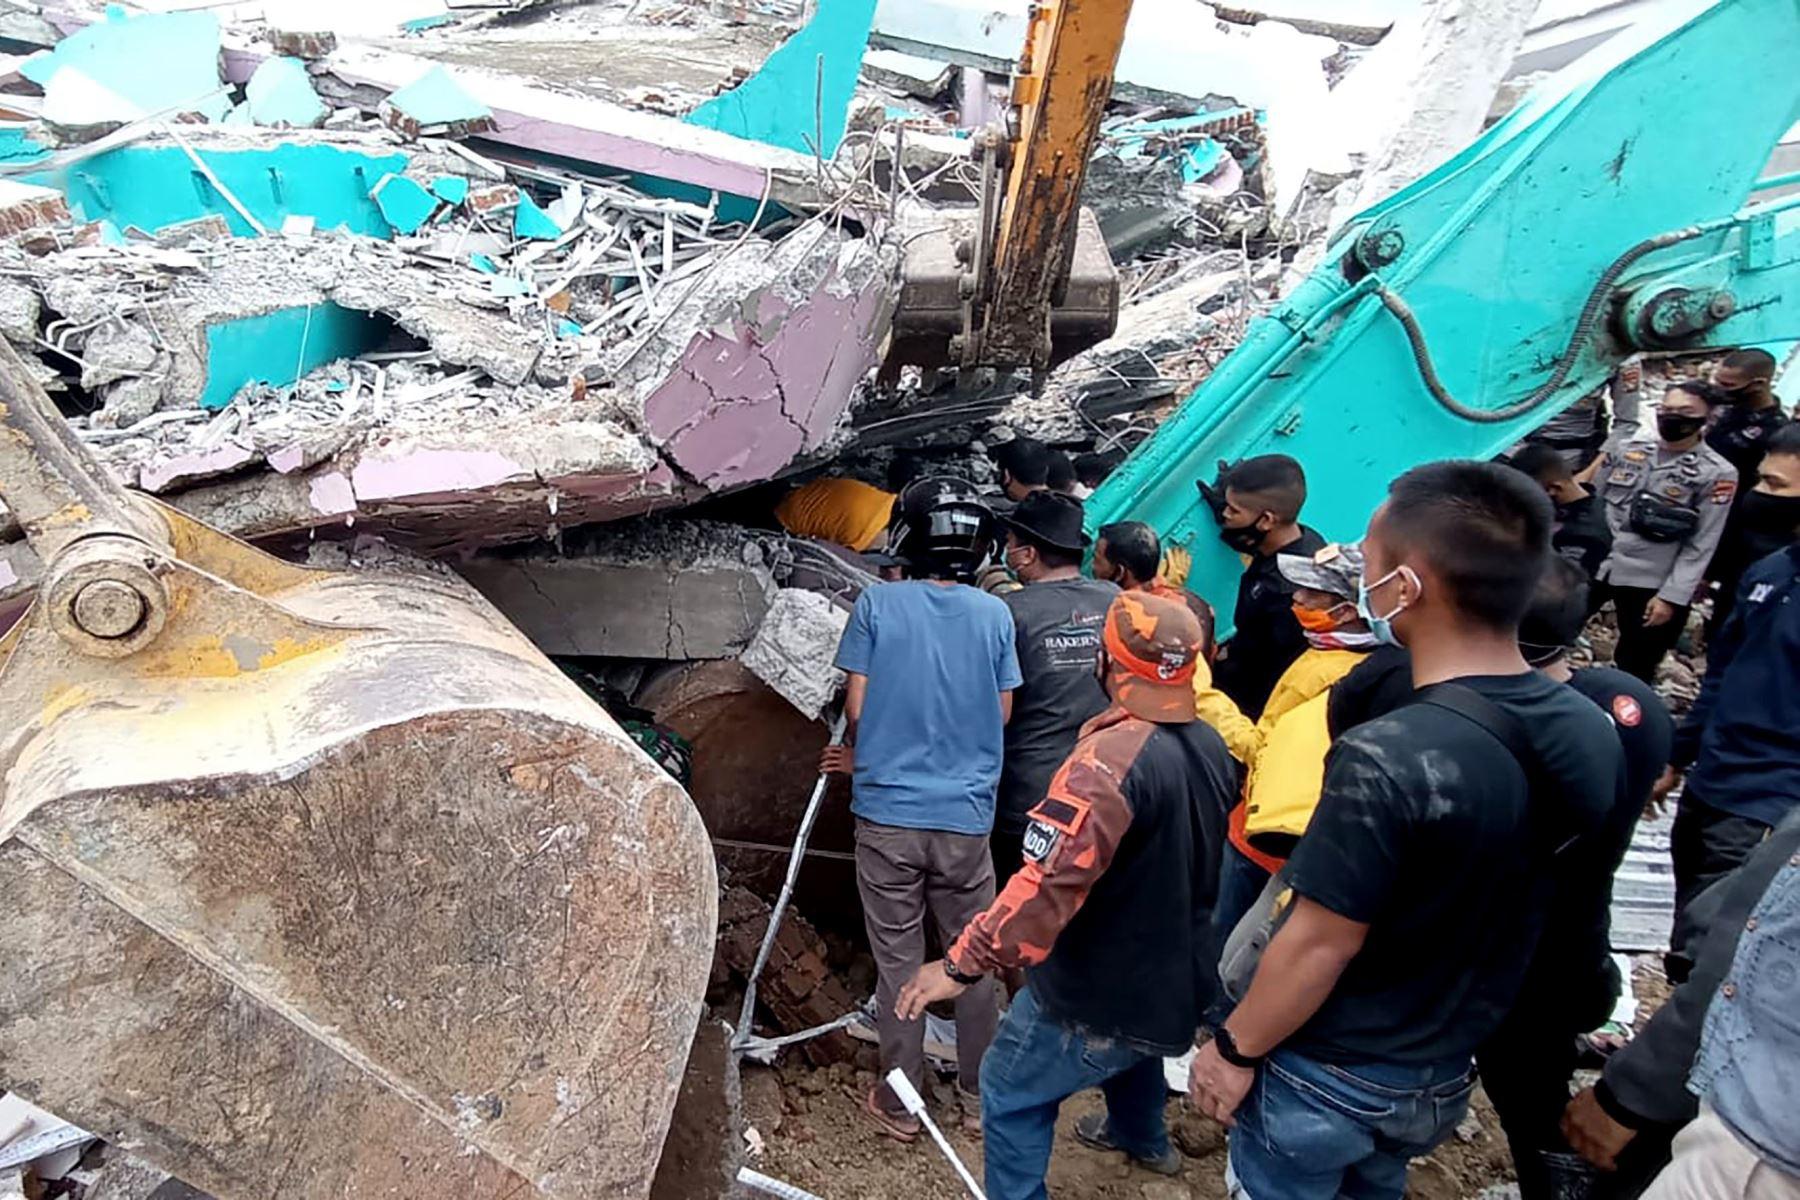 Equipos de rescate buscan sobrevivientes en el hospital Mitra Manakarra en la ciudad de Mamuju, donde hasta 20 pacientes y personal están atrapados bajo los escombros después de que el hospital se derrumbó cuando un terremoto de magnitud 6.2 sacudió la isla de Sulawesi en Indonesia. Foto: AFP